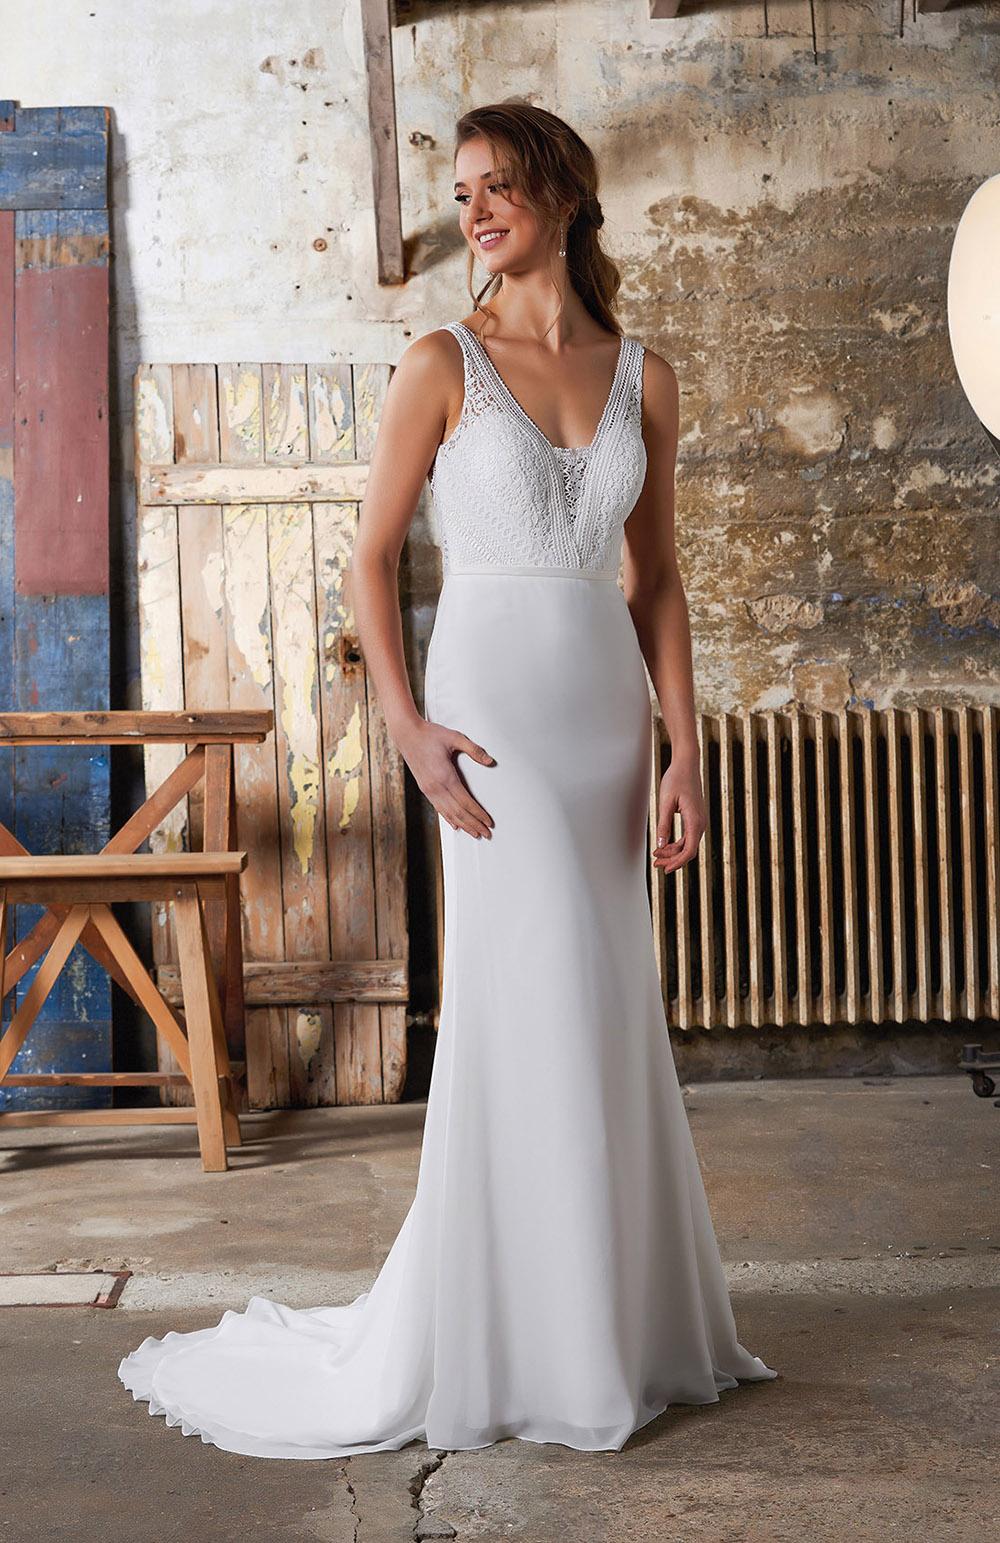 Robe de mariée Modèle Juliette